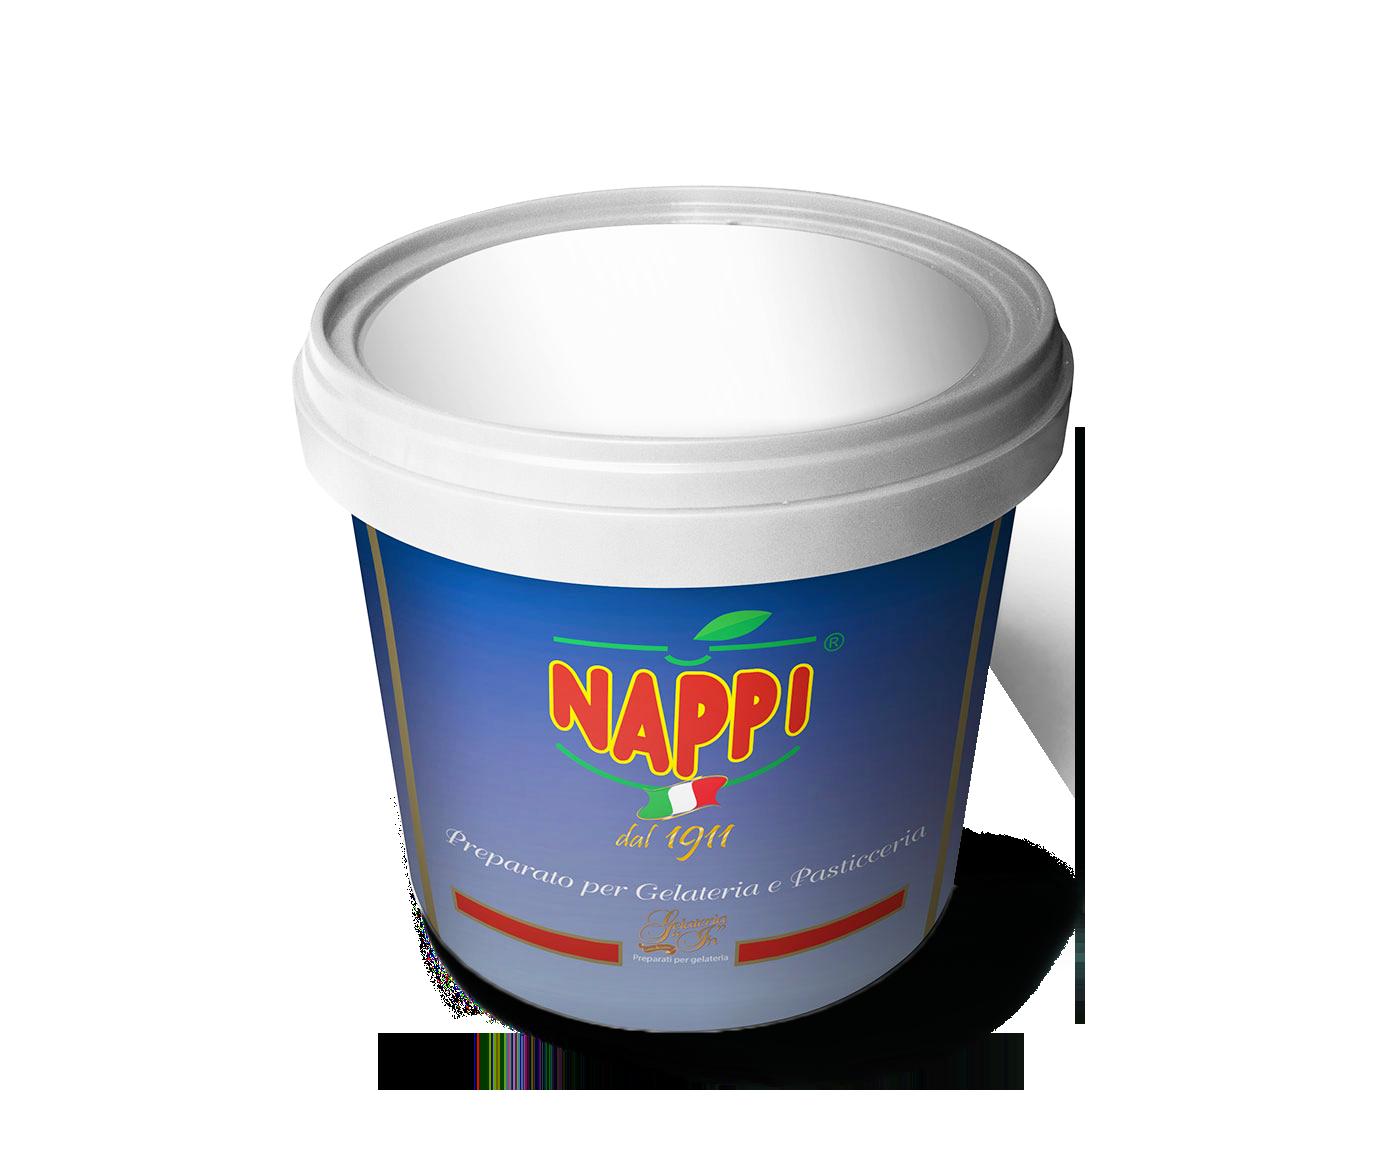 Nappi Caramel 3.5kg pail